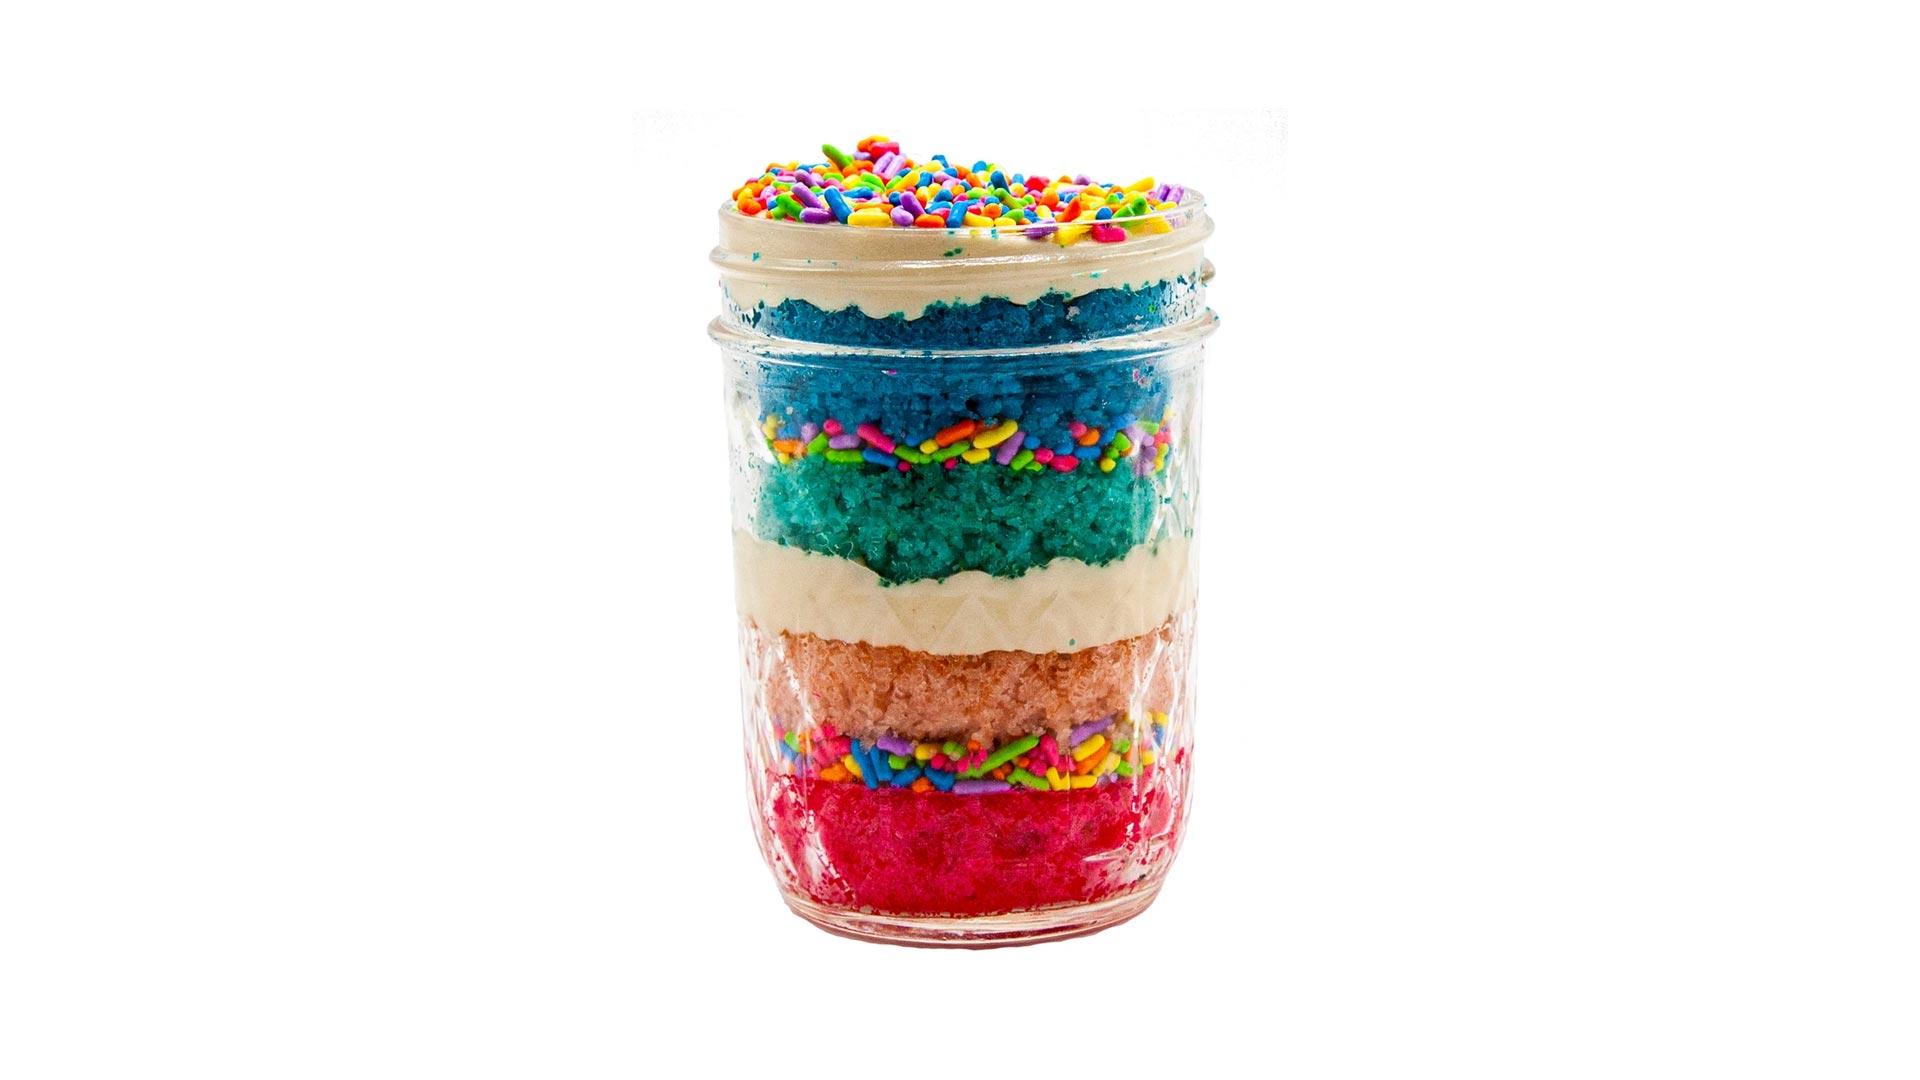 Rainbow Cake Jars